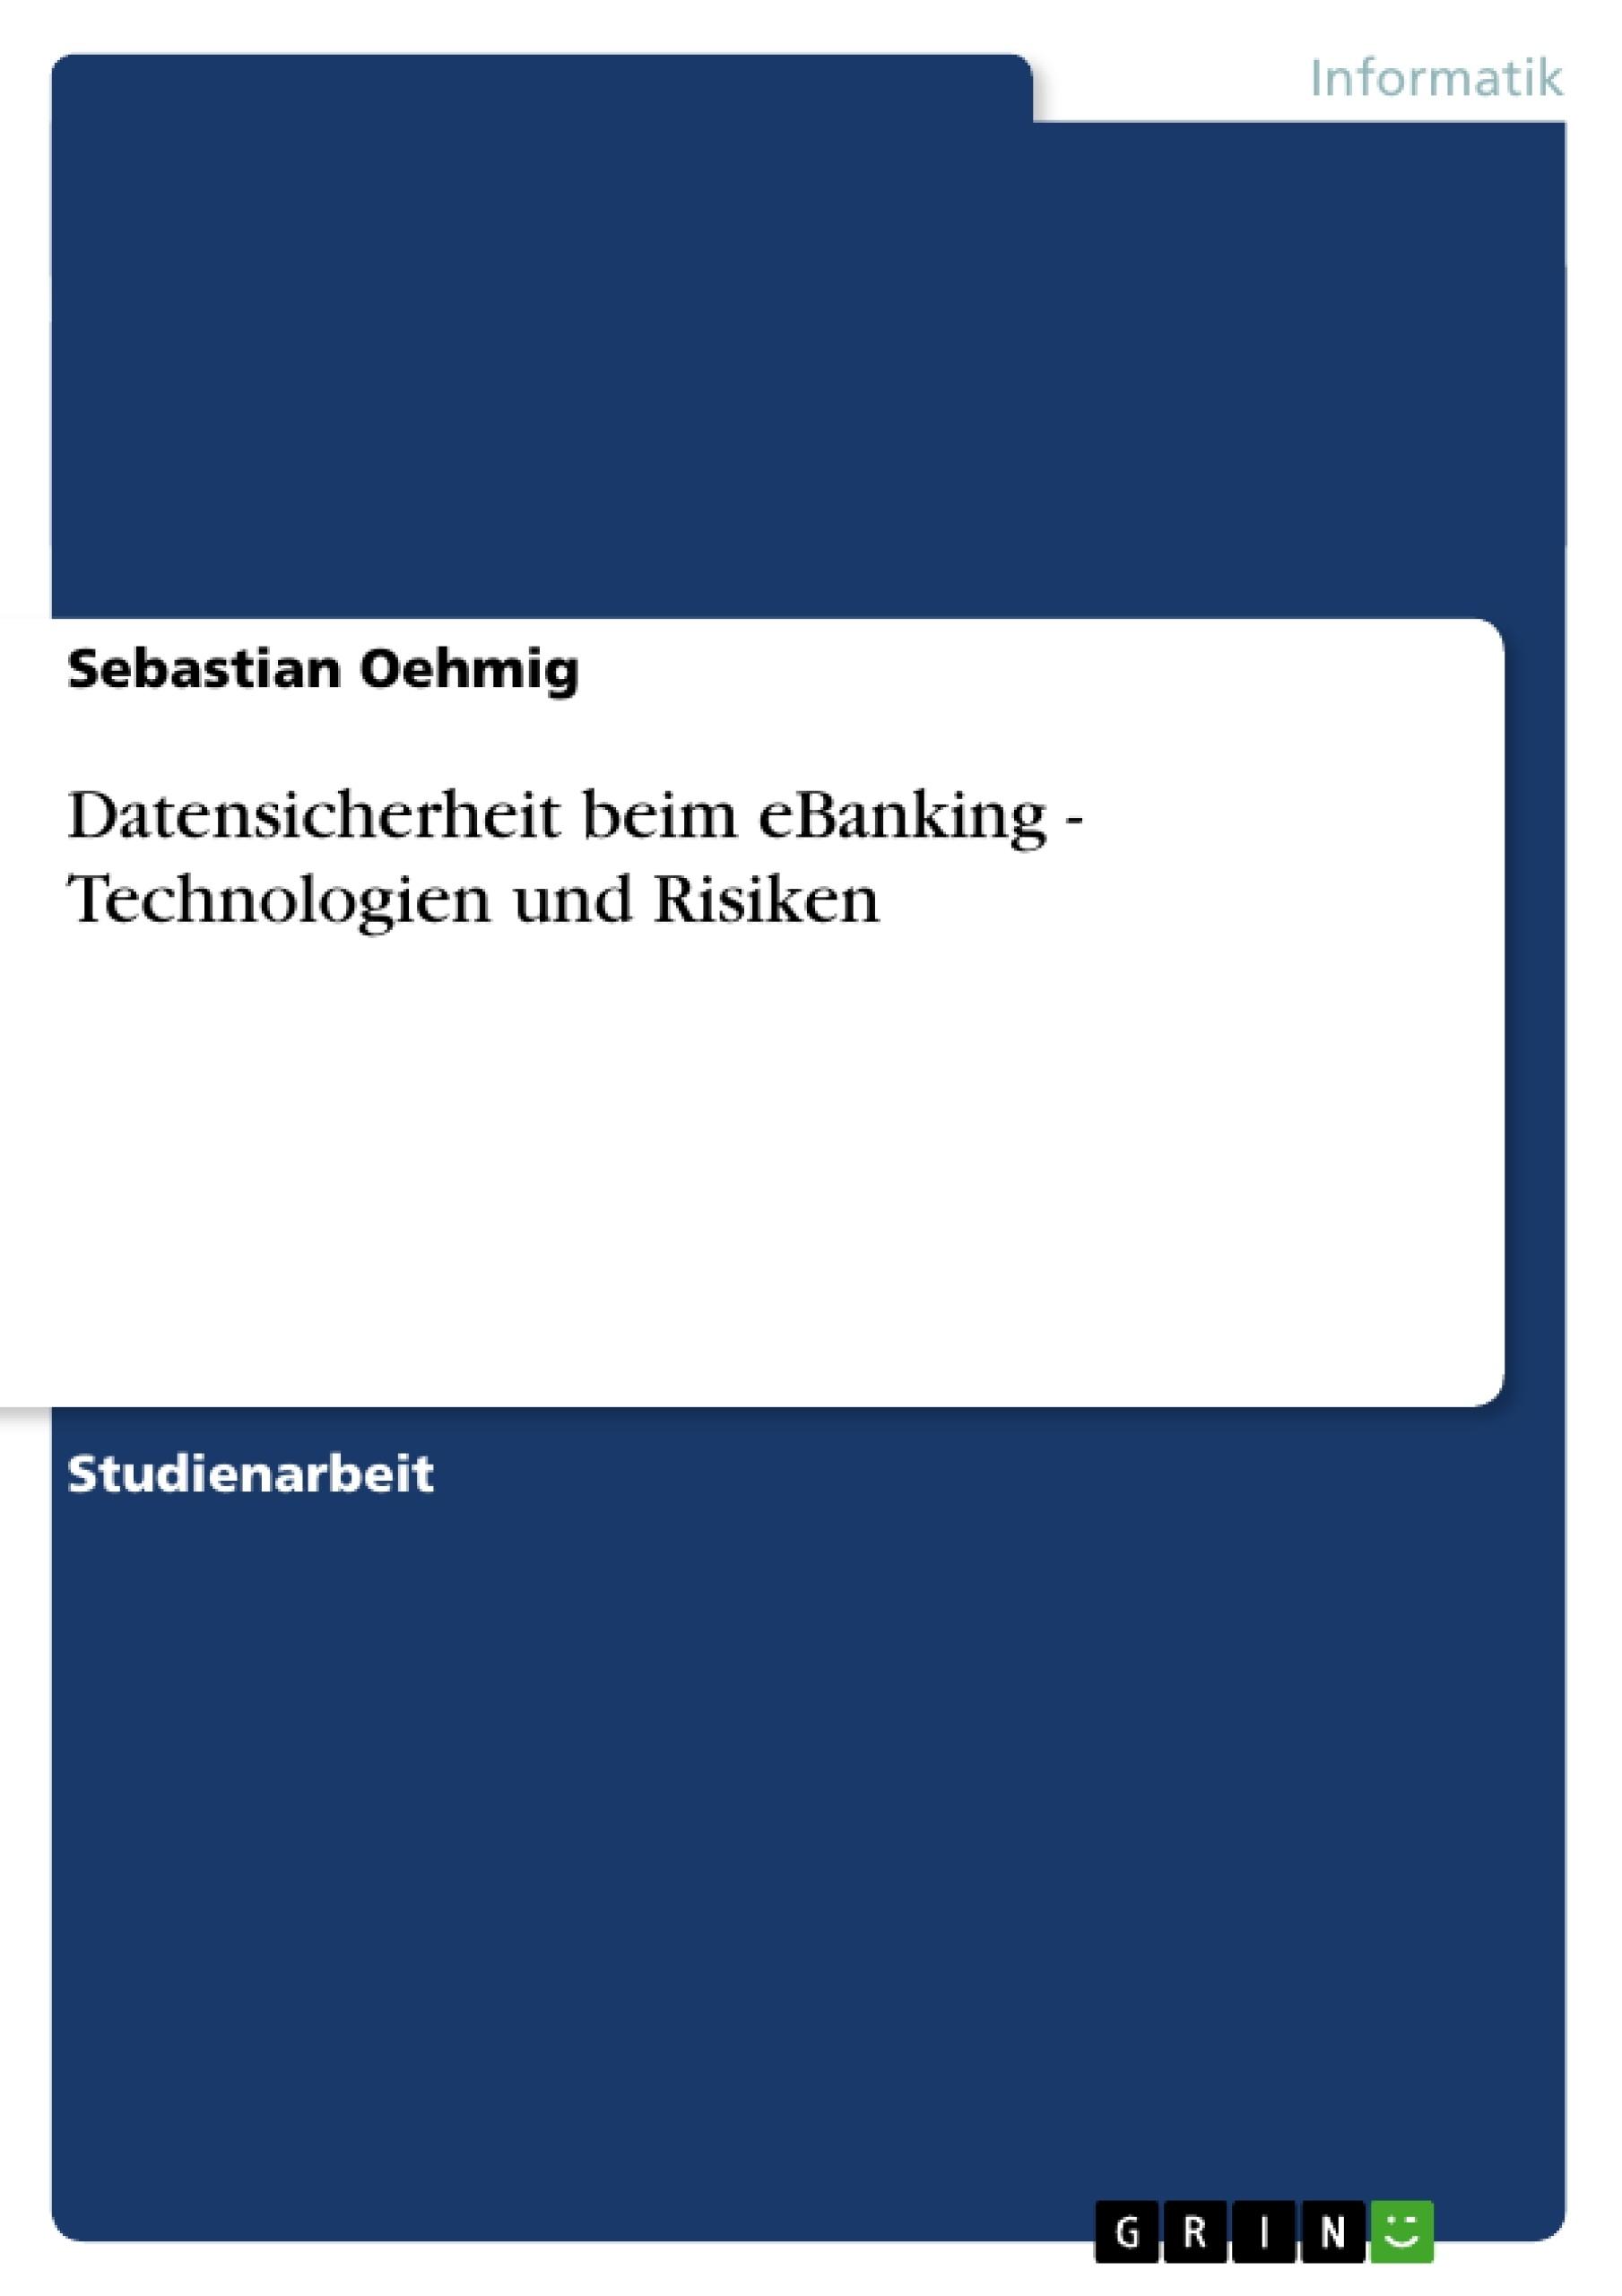 Titel: Datensicherheit beim eBanking - Technologien und Risiken